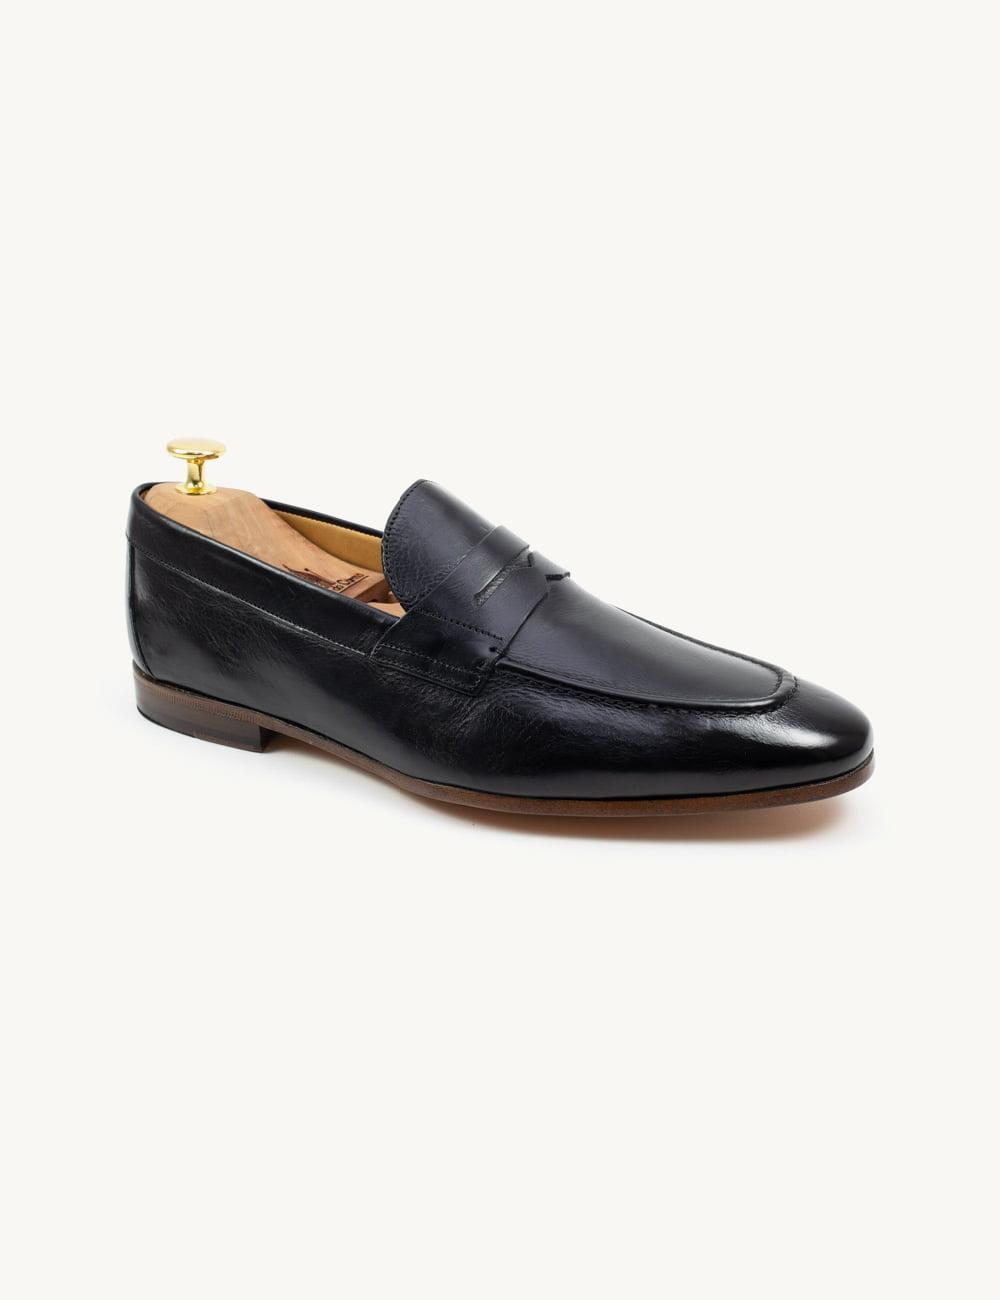 Resolva o sua dilema e compre um par de sapatos verão homem de alta qualidade